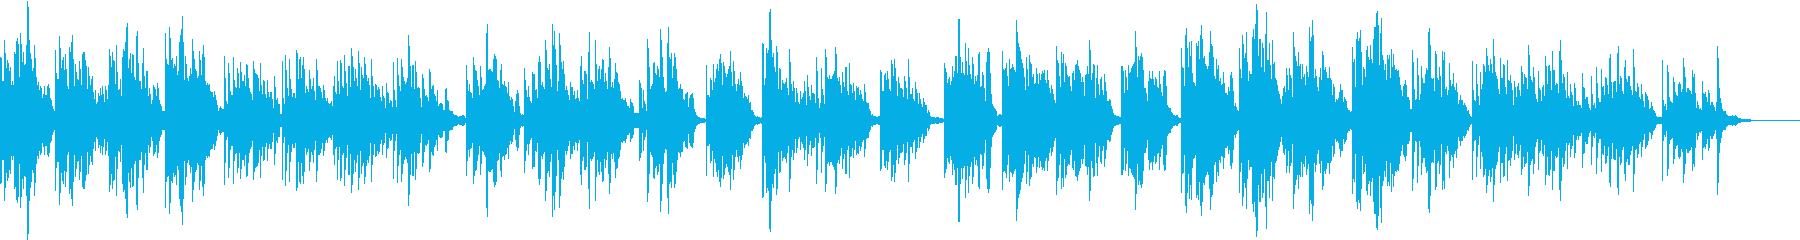 悲しげなピアノソロのバラード 映像等の再生済みの波形